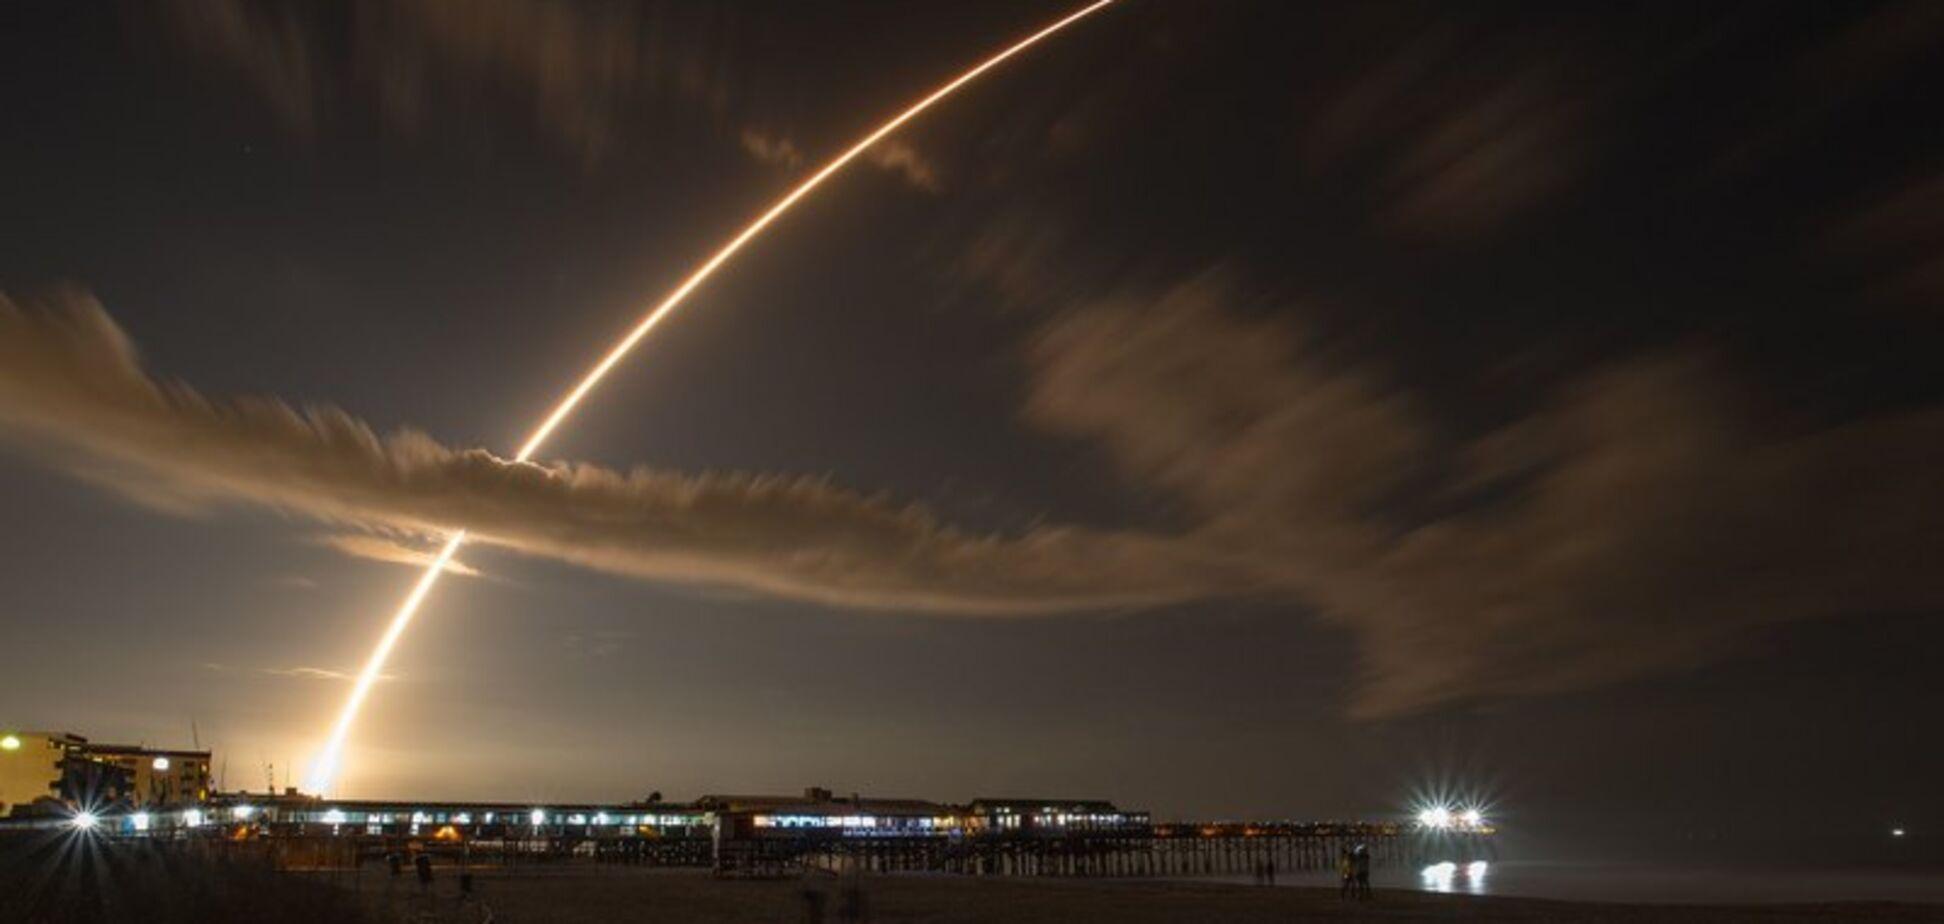 Испугались? На росТВ пошло 'сострили' о новейшей ракете Украины